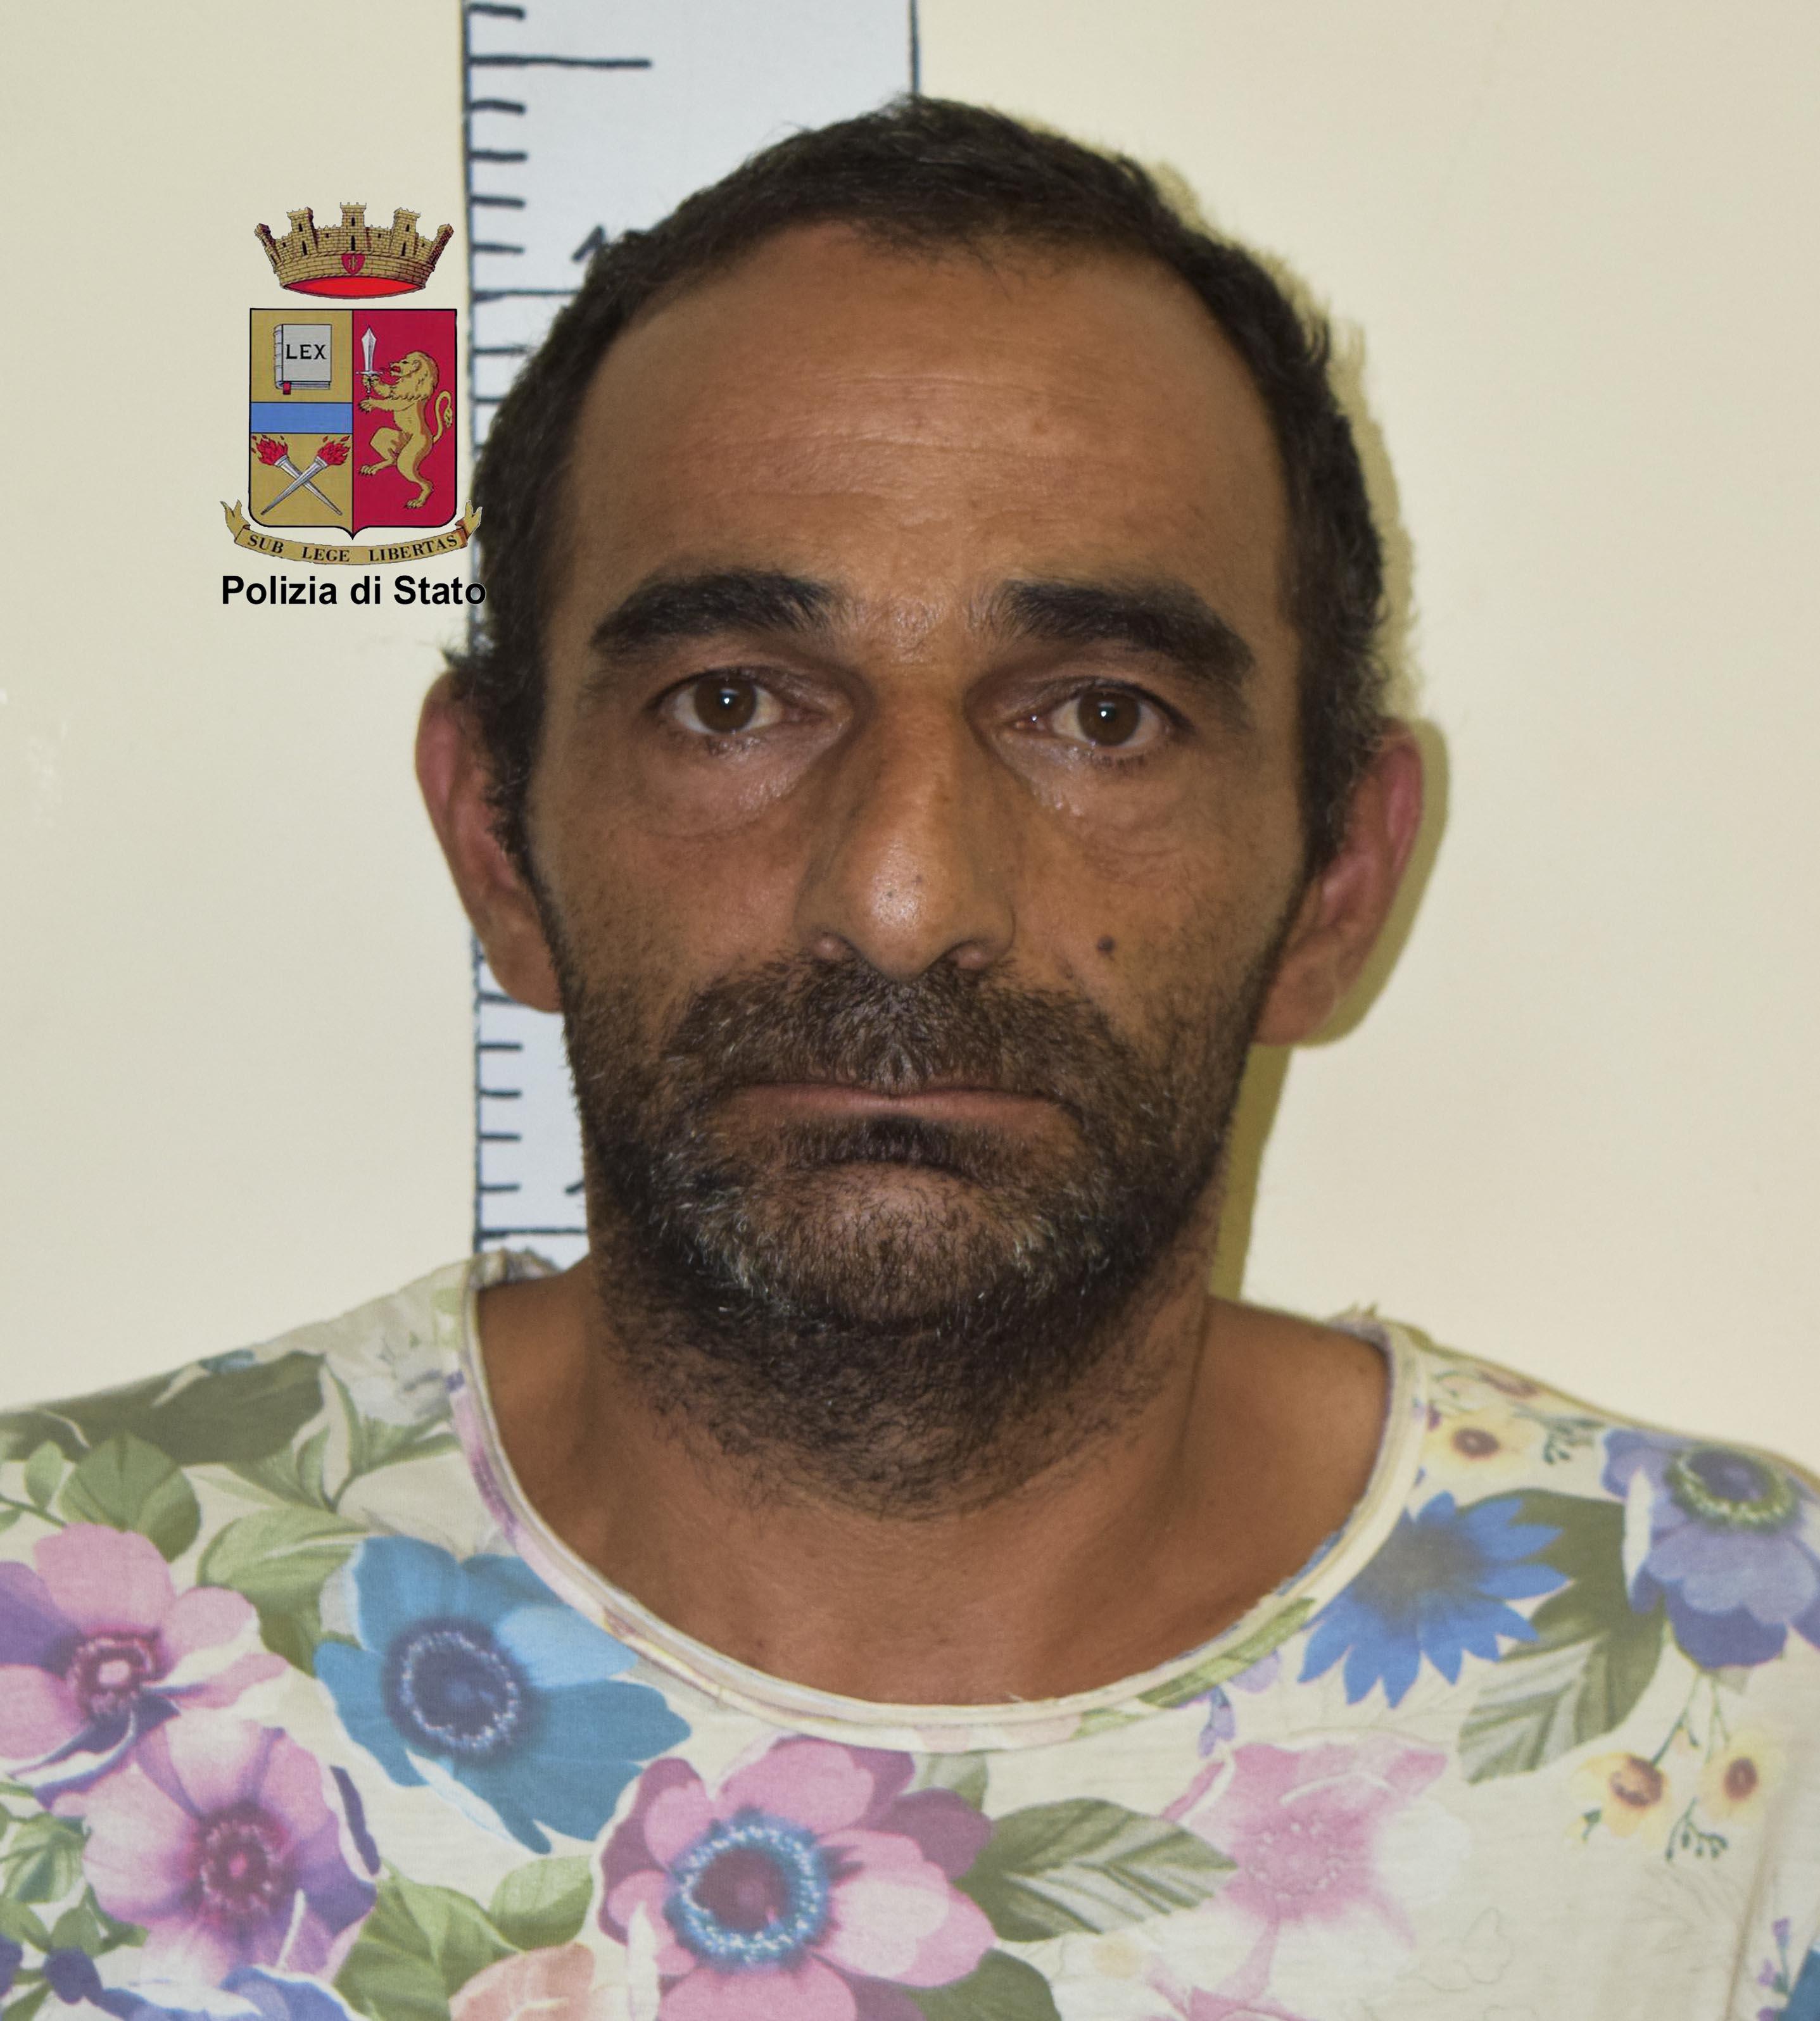 Milazzo me quartieri sicuri altri arresti della for Arresti a poggiomarino per droga